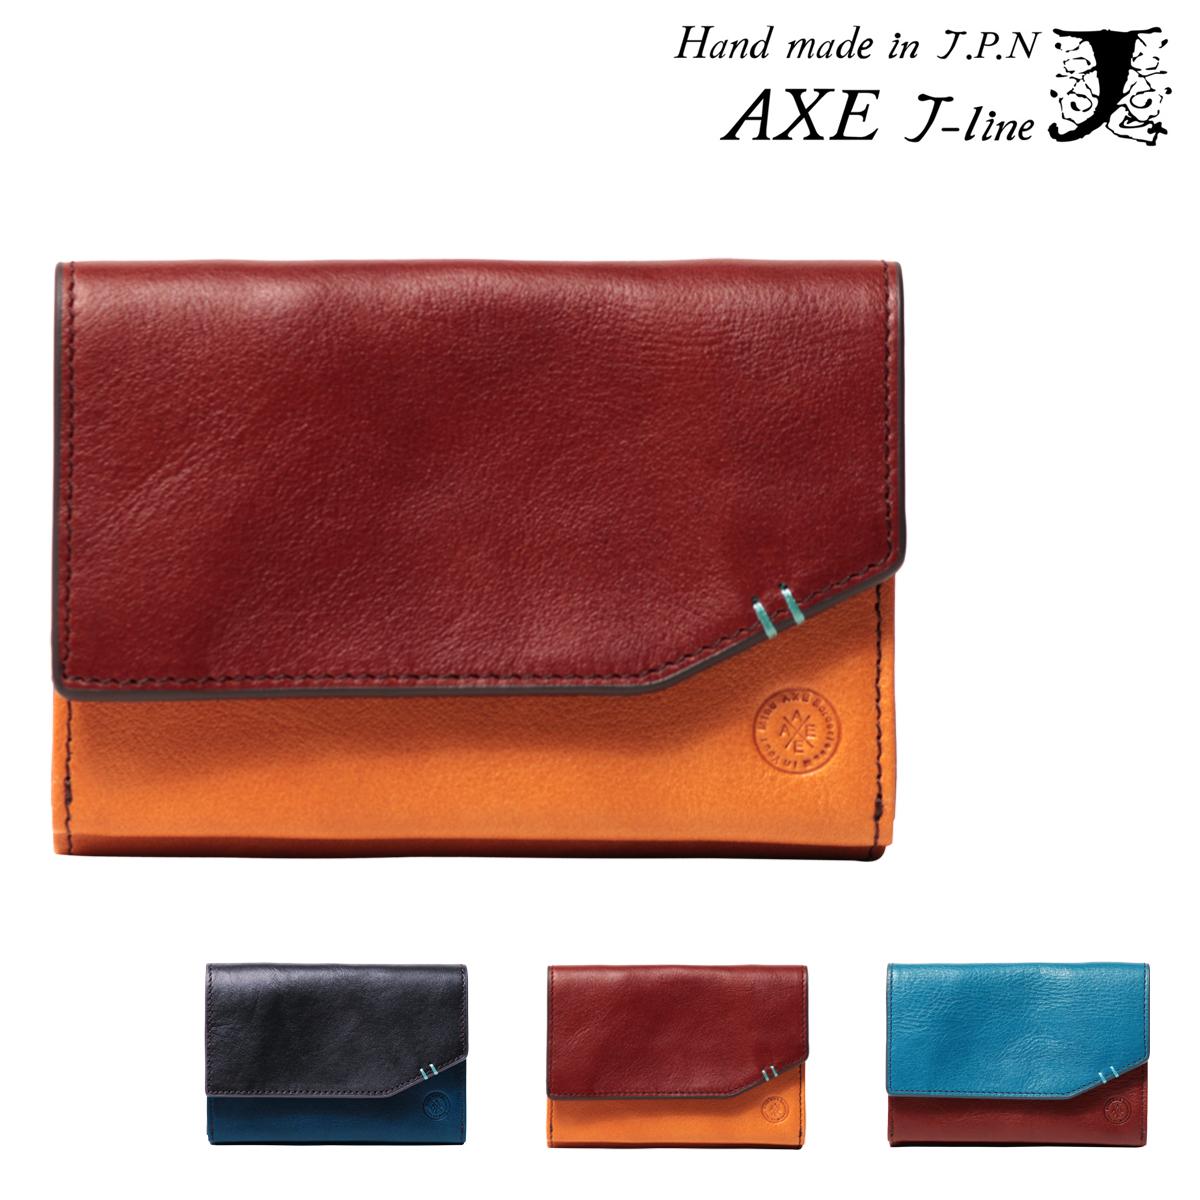 アックス 二つ折り財布 メンズ 本革 ミドルウォレット ミント 606602 牛革 レザー BOX型小銭入れ AXE